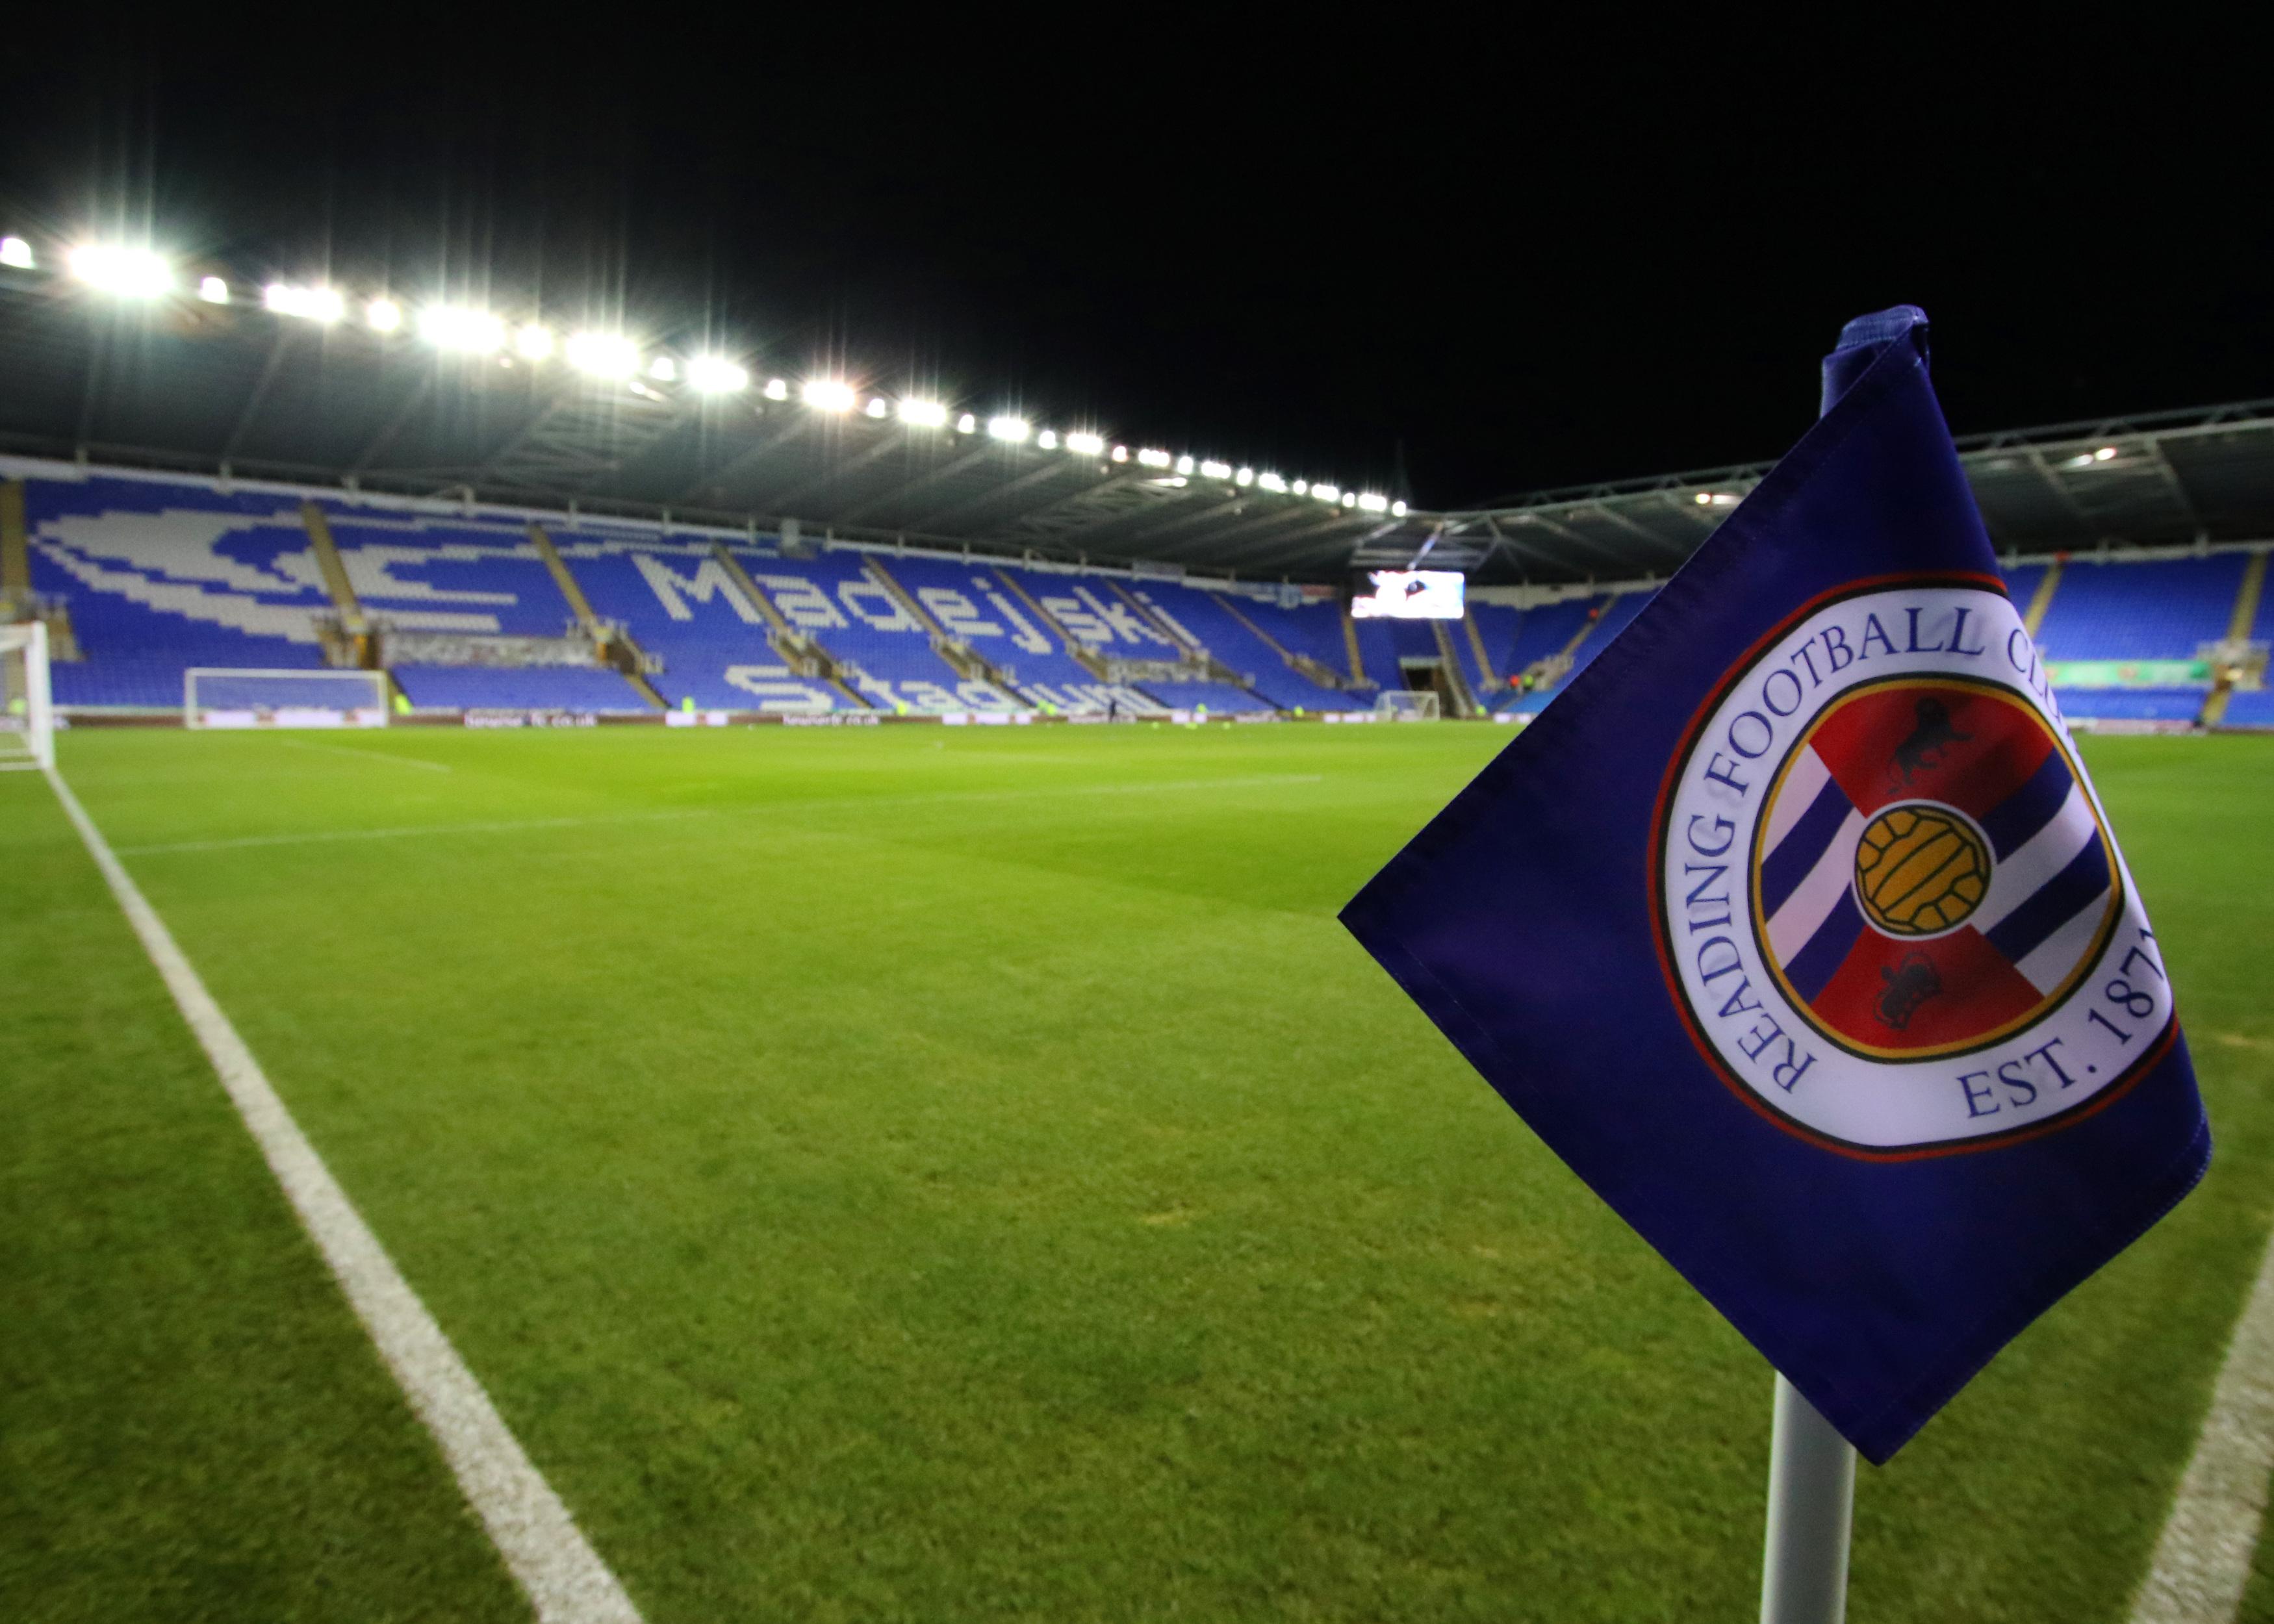 2017 EFL Championship Reading v Cardiff City Dec 11th